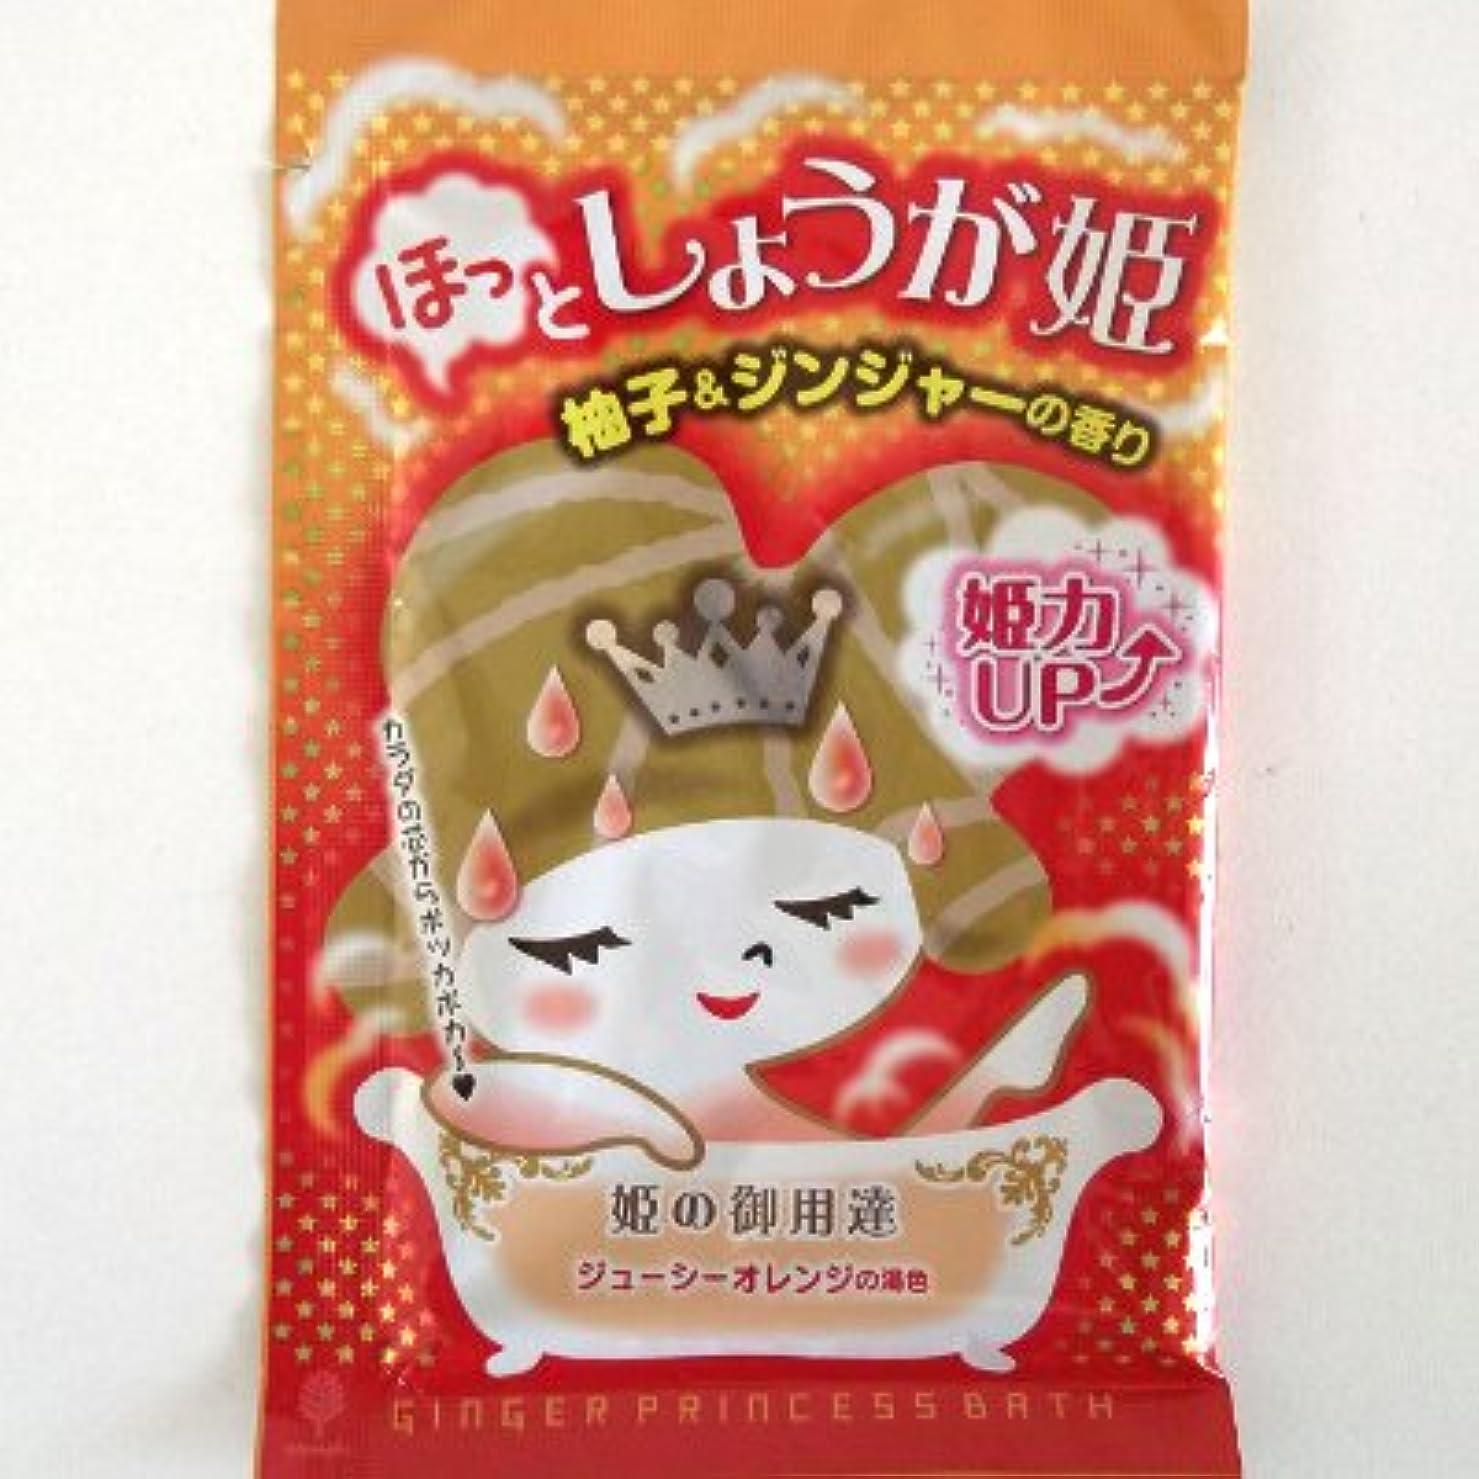 同一の空の兵士ほっとしょうが姫 柚子&ジンジャーの香り